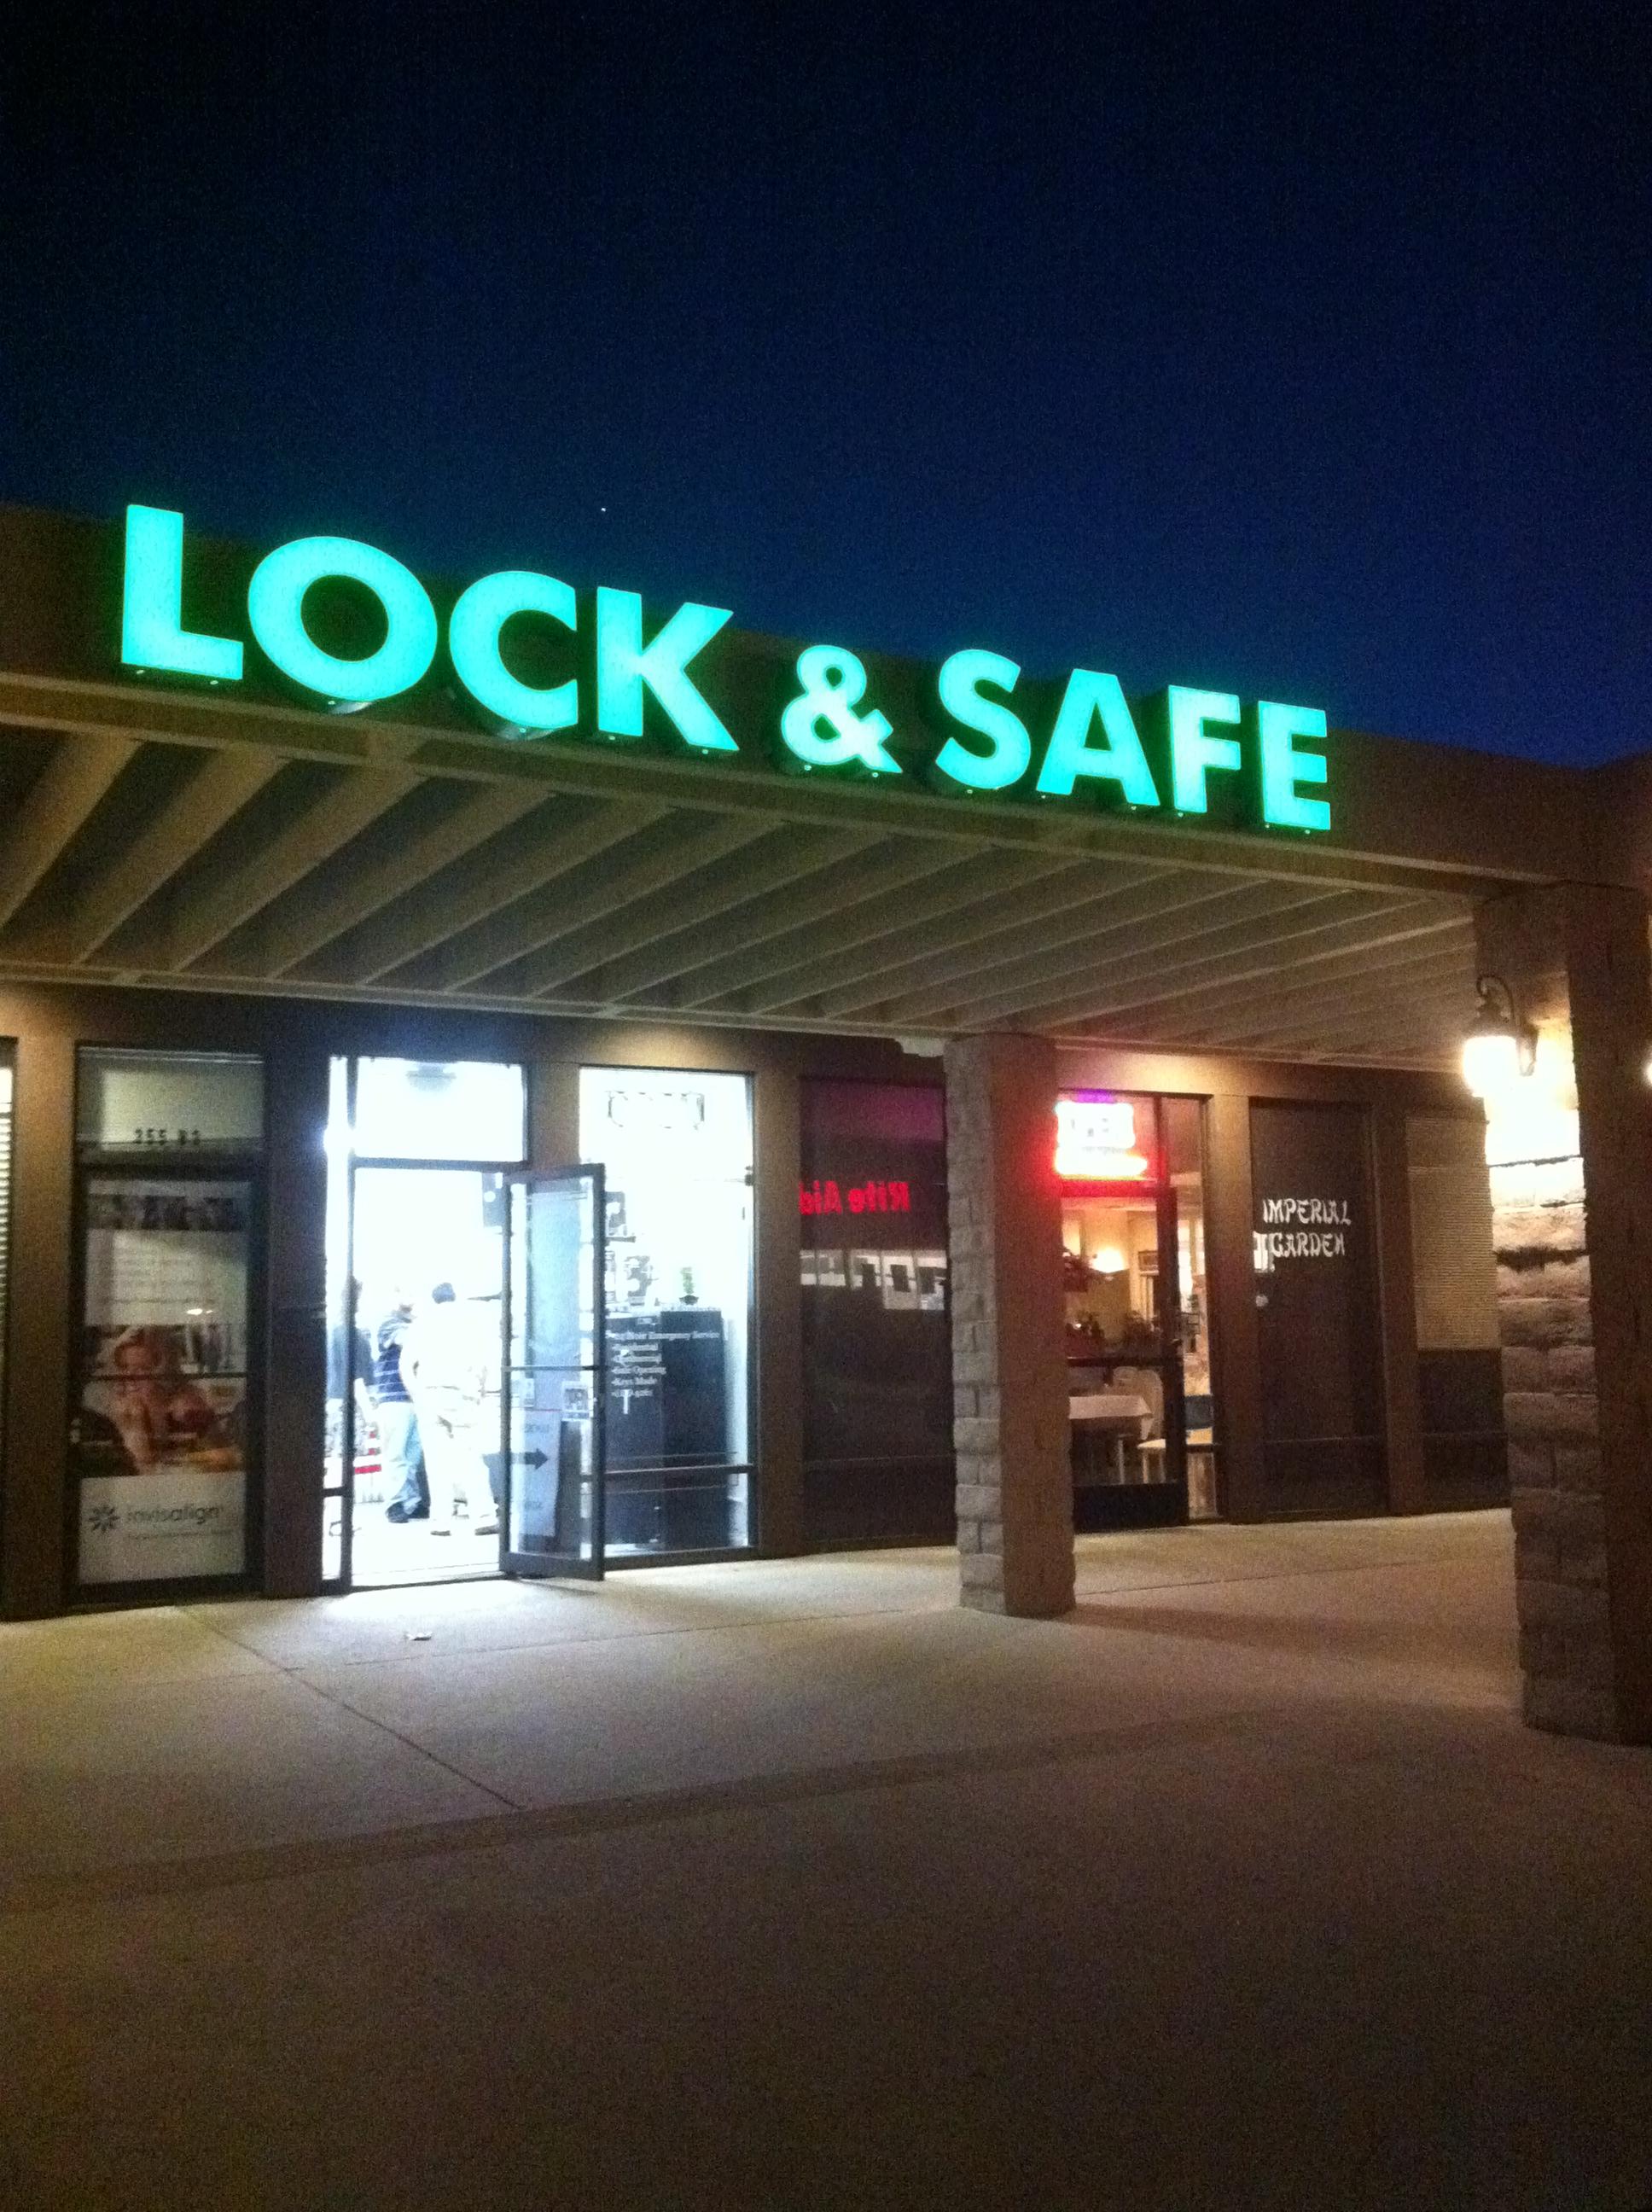 lock safe and key shop brucar locksmith. Black Bedroom Furniture Sets. Home Design Ideas